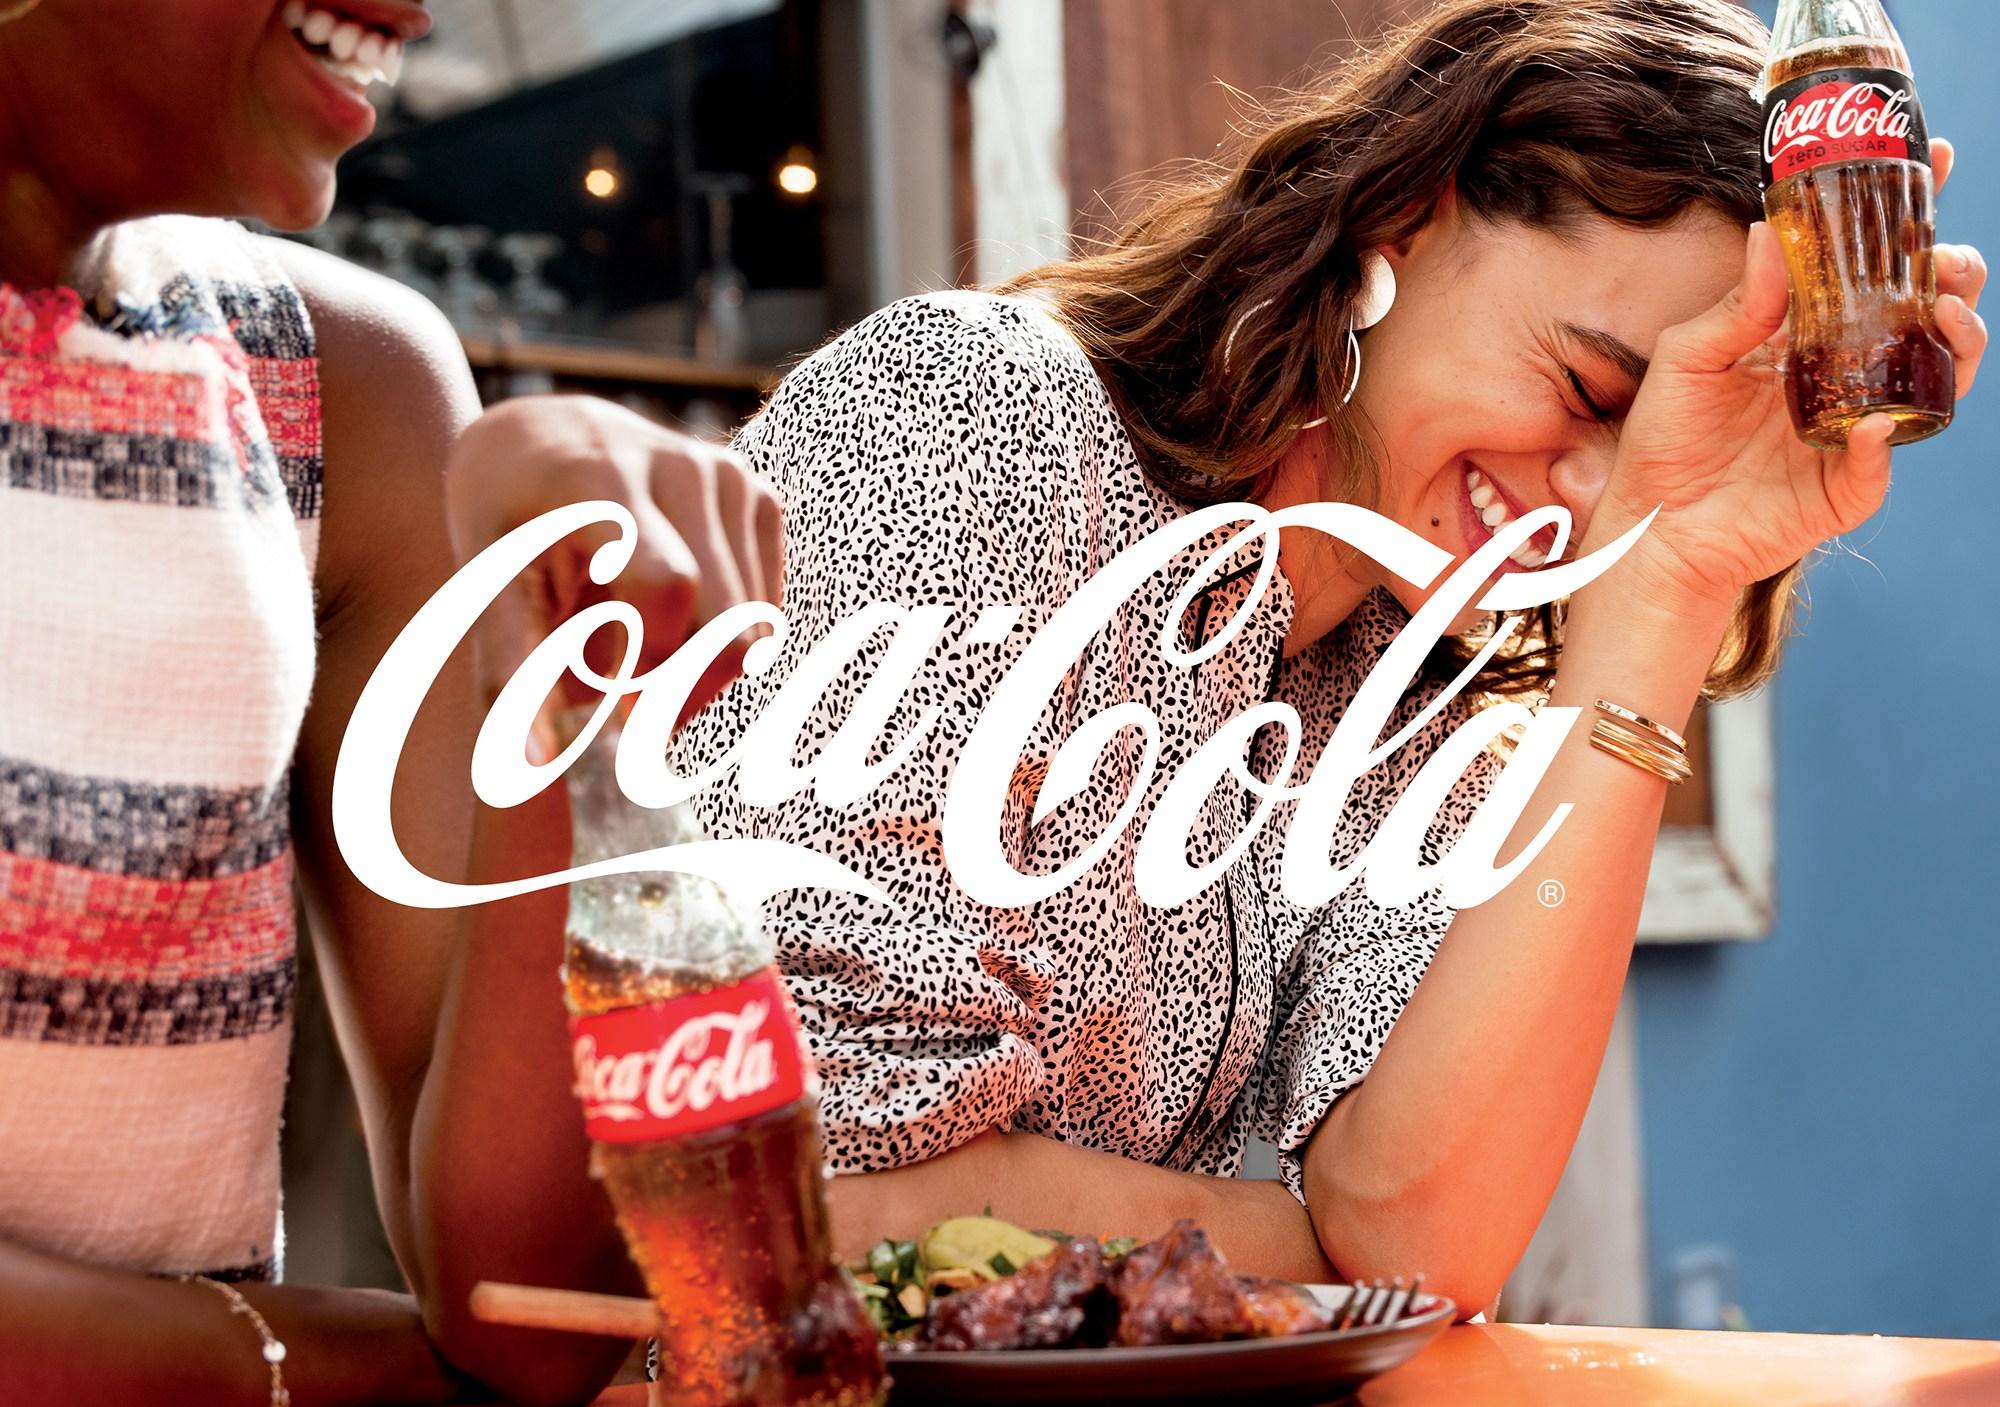 Cindy Coca cola 2.jpg